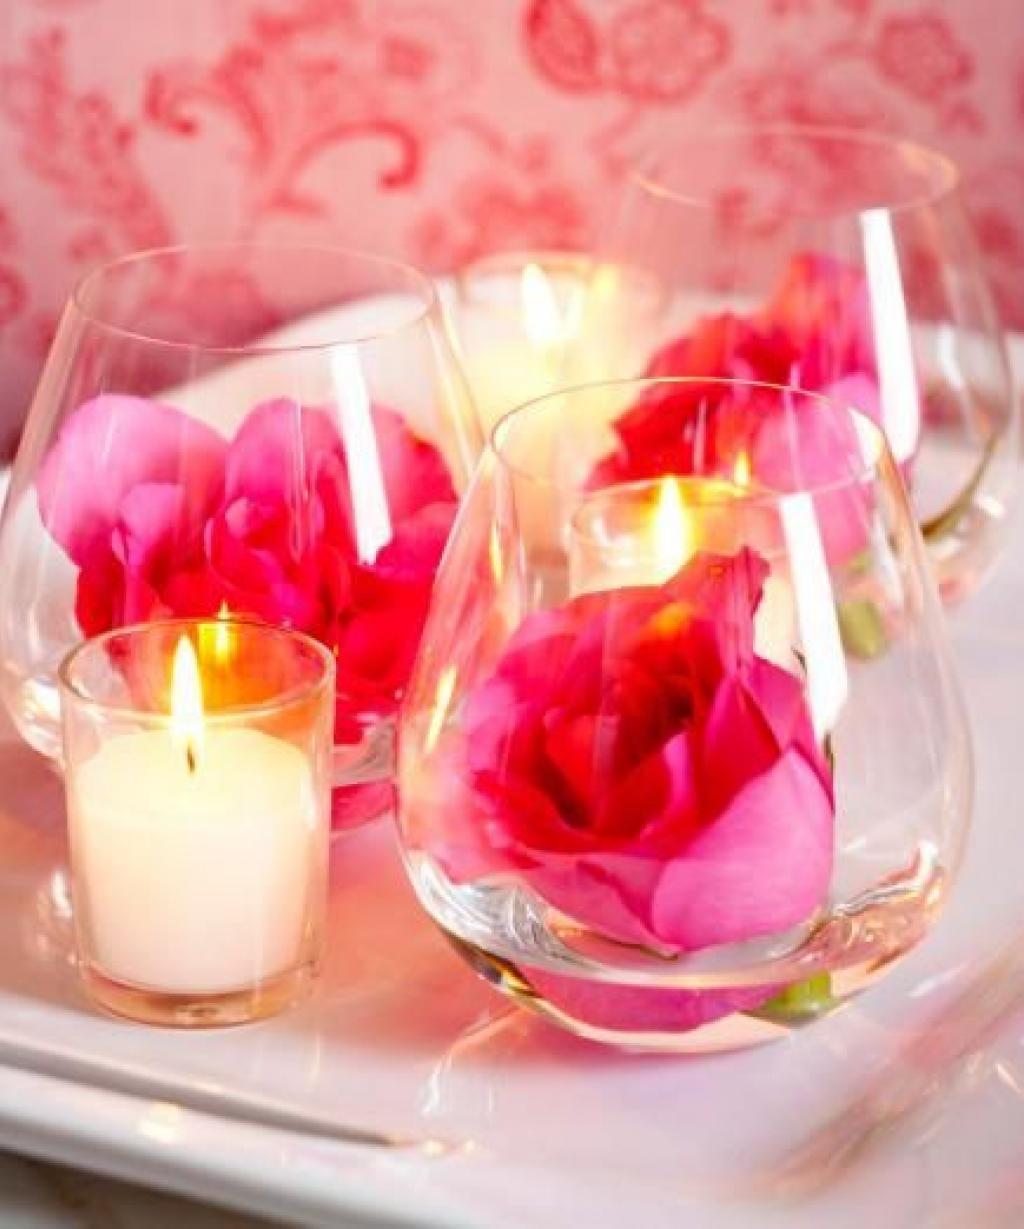 dposez des illets roses avec un illet blanc au centre dans une coupe sunday placez une cerise confite sur le dessus pour faire un centre de table - Centre De Table Bougie